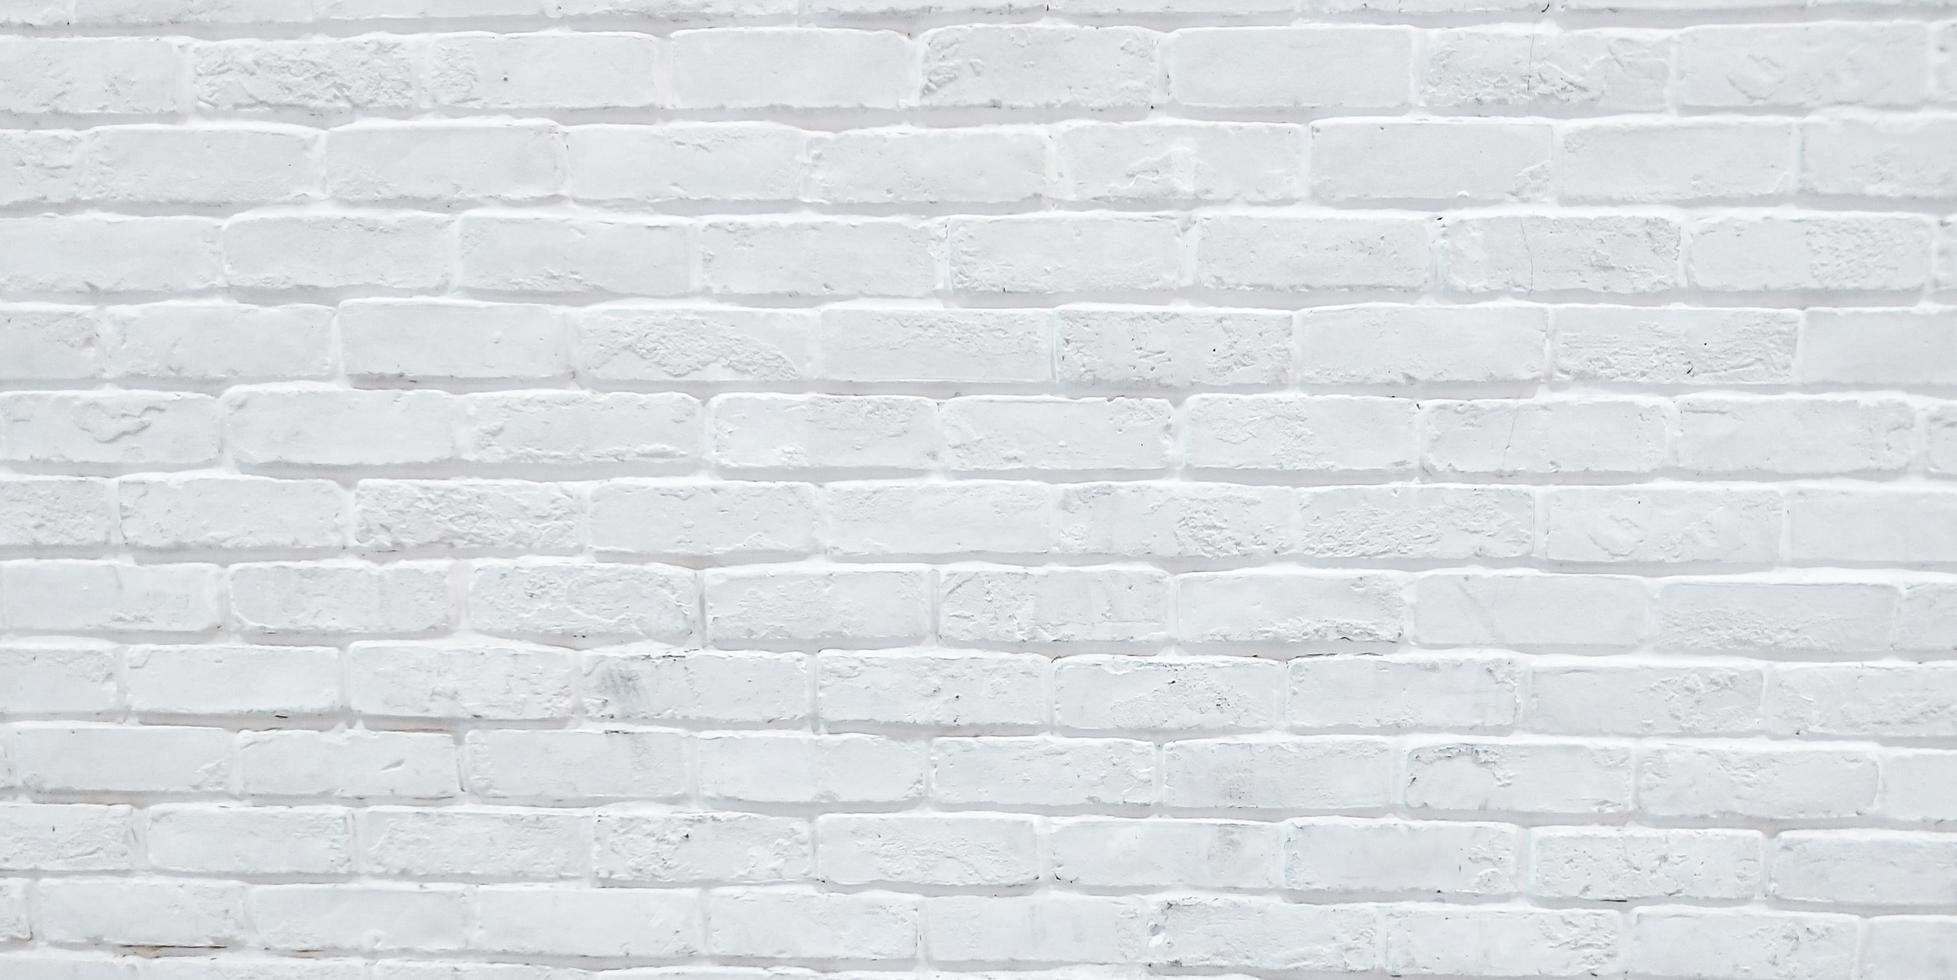 pared de ladrillo blanco moderno foto